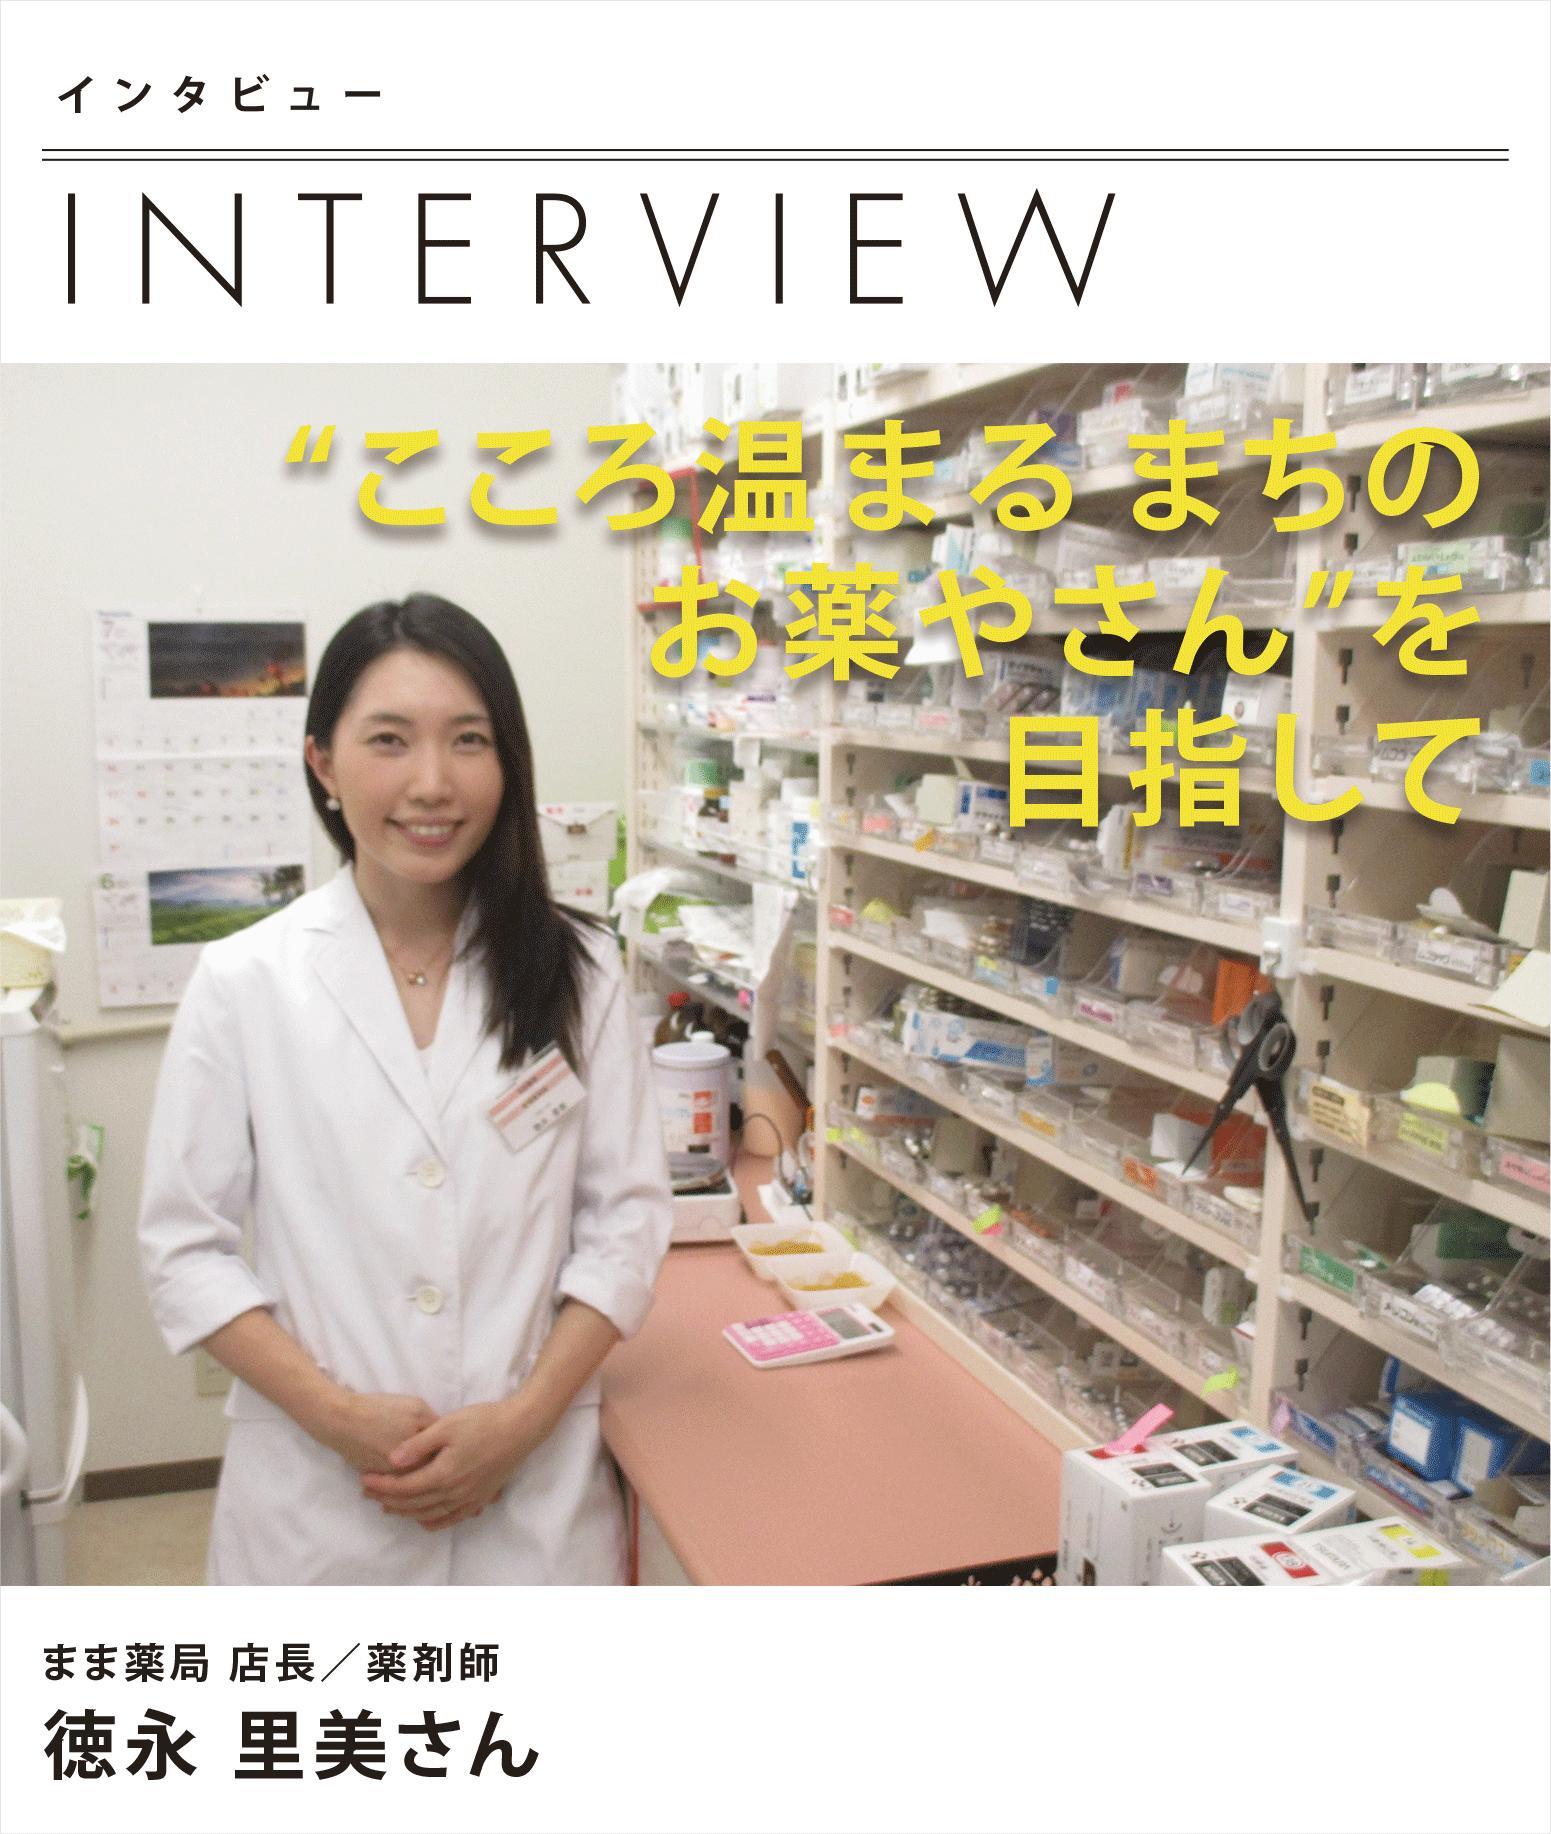 まま薬局 店長/薬剤師 徳永里美さん